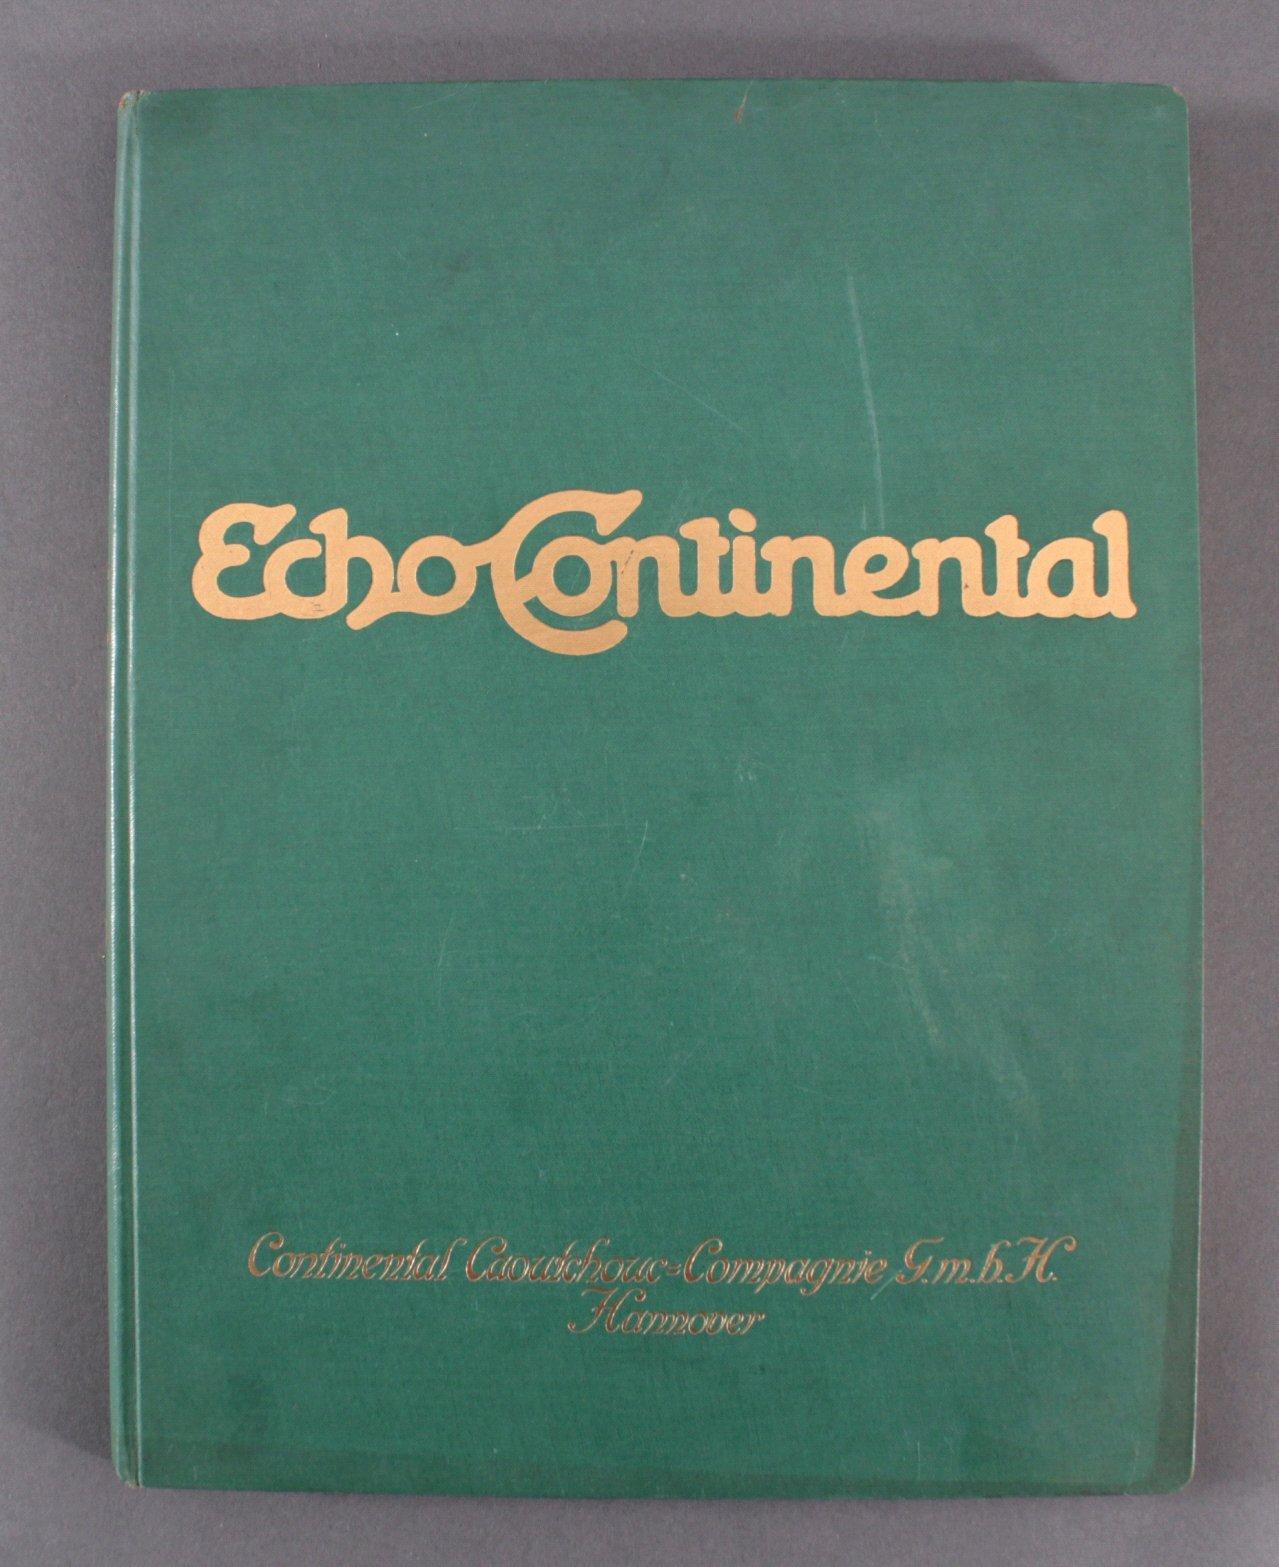 Echo Continental Jahrgang 1930